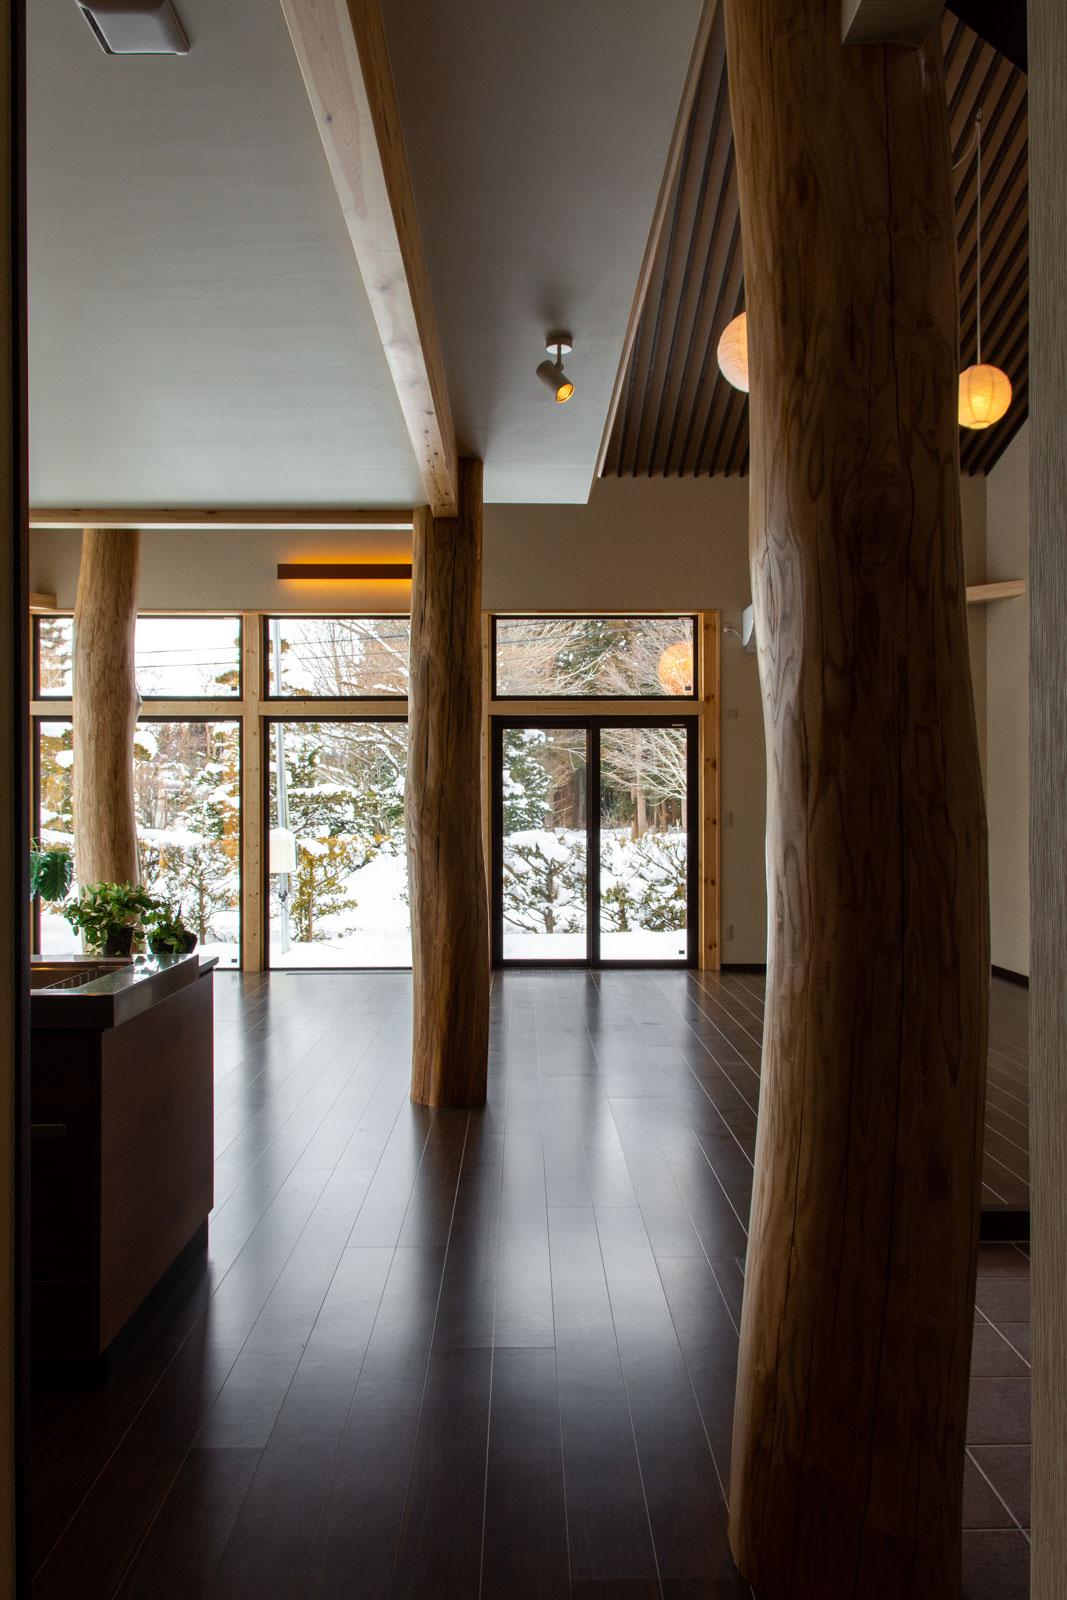 竣工当時のSさん宅のLDK。広々とした空間に3本の丸太柱が圧倒的な存在感を放つ